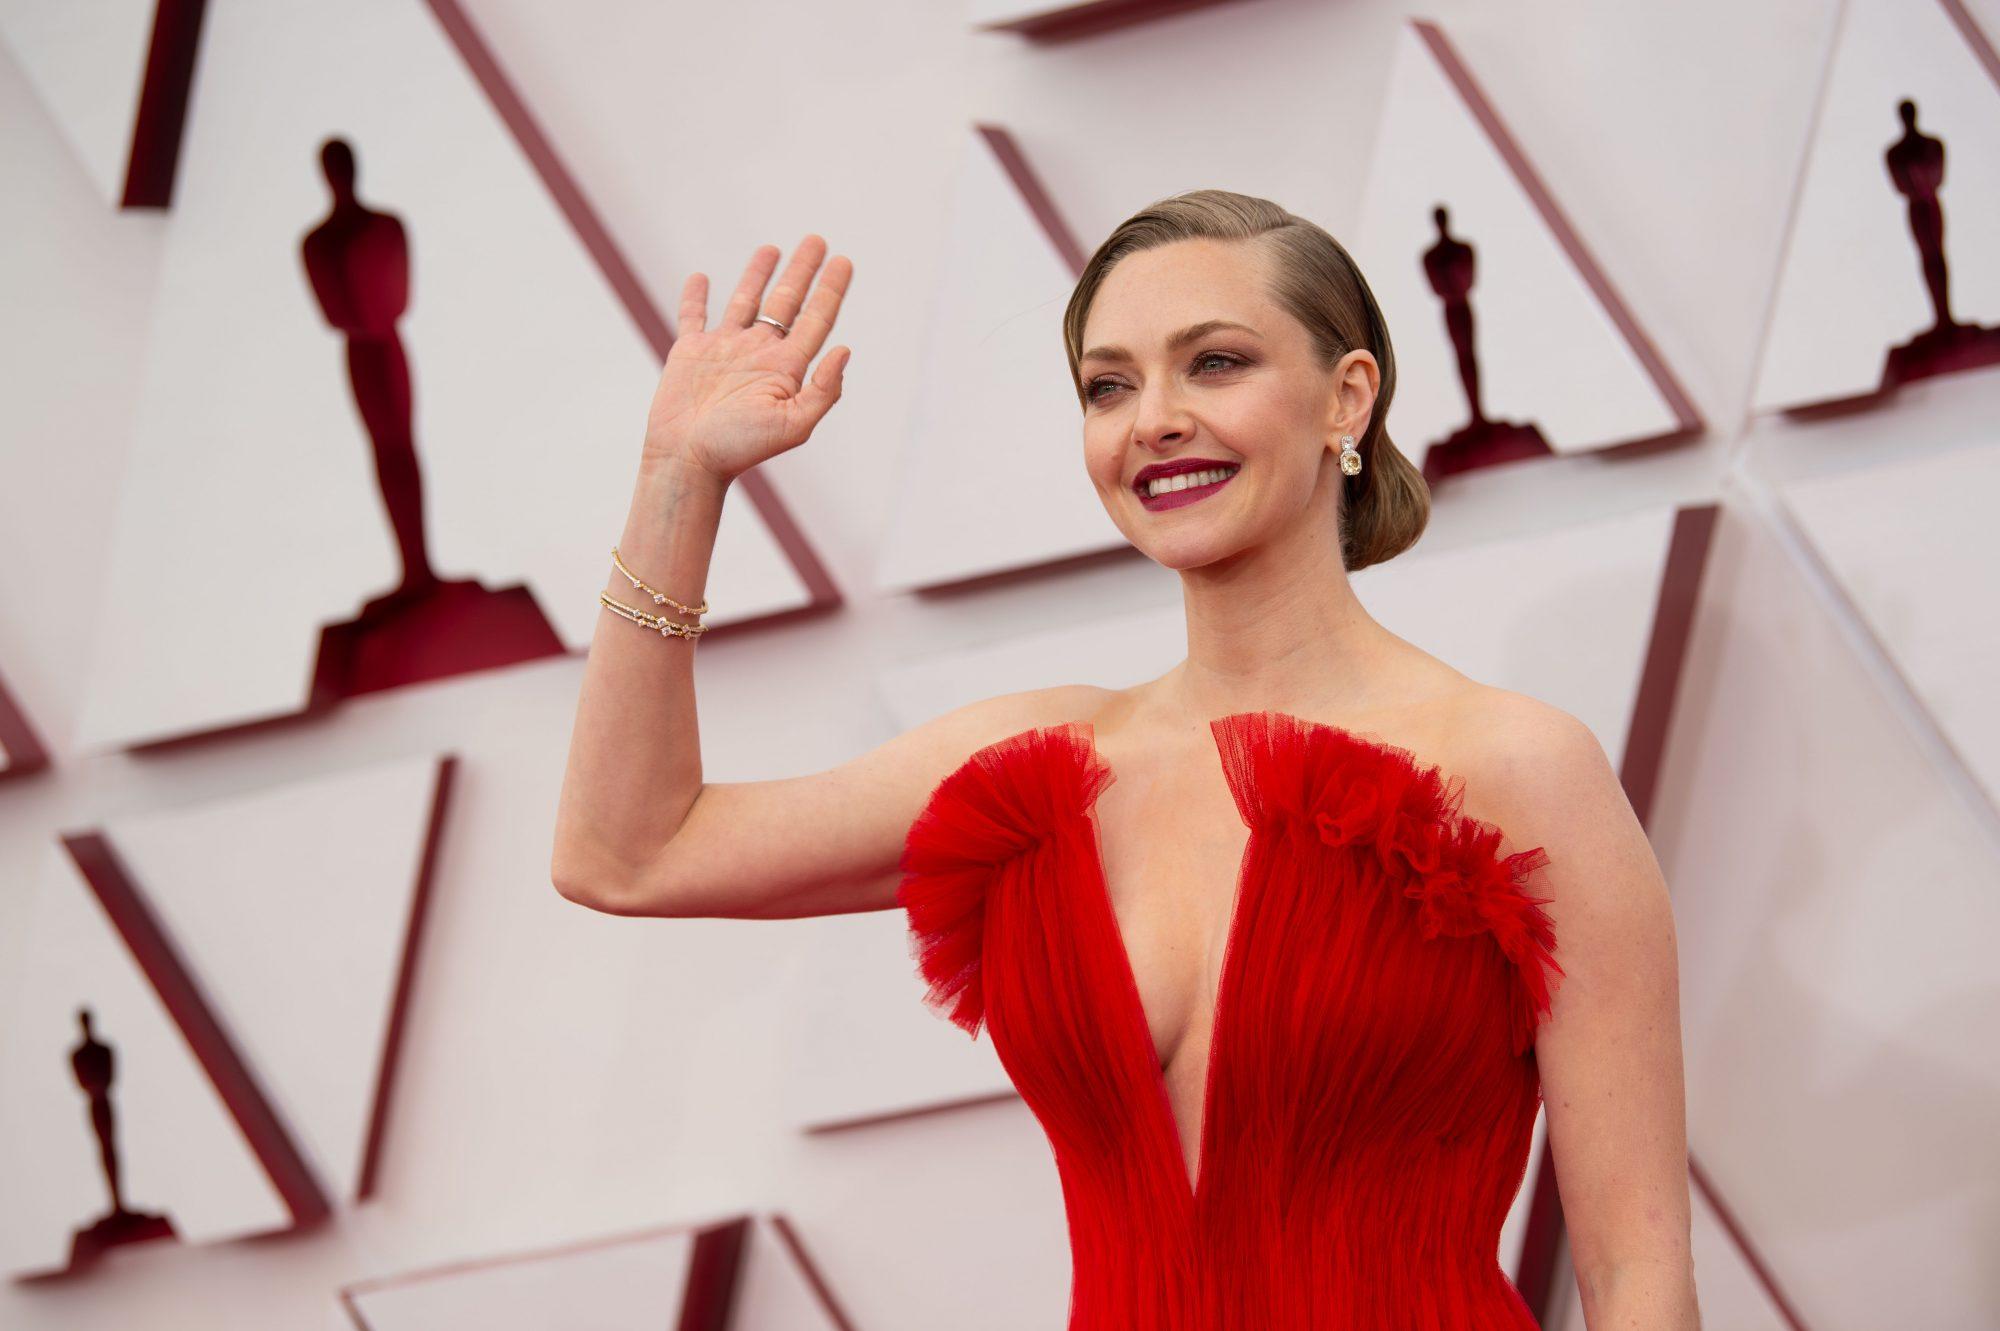 Κόκκινο & χρυσό: Δύο ήταν τα χρώματα που μονοπώλησαν το ενδιαφέρον μας στο red carpet των Oscars 2021 Στο red carpet των Oscars γεννιούνται πάντα τάσεις! Αρκετοί από τους αγαπημένους μας celebrities φαίνεται ότι έδειξαν ιδιαίτερη προτίμηση σε δύο αποχρώσεις για τις εμφανίσεις τους στην 93η απονομή των μεγαλύτερων βραβείων του κινηματογράφου. Αυτές δεν ήταν άλλες από το κόκκινο και το χρυσό. Πόσο glam να αντέξουμε πια;